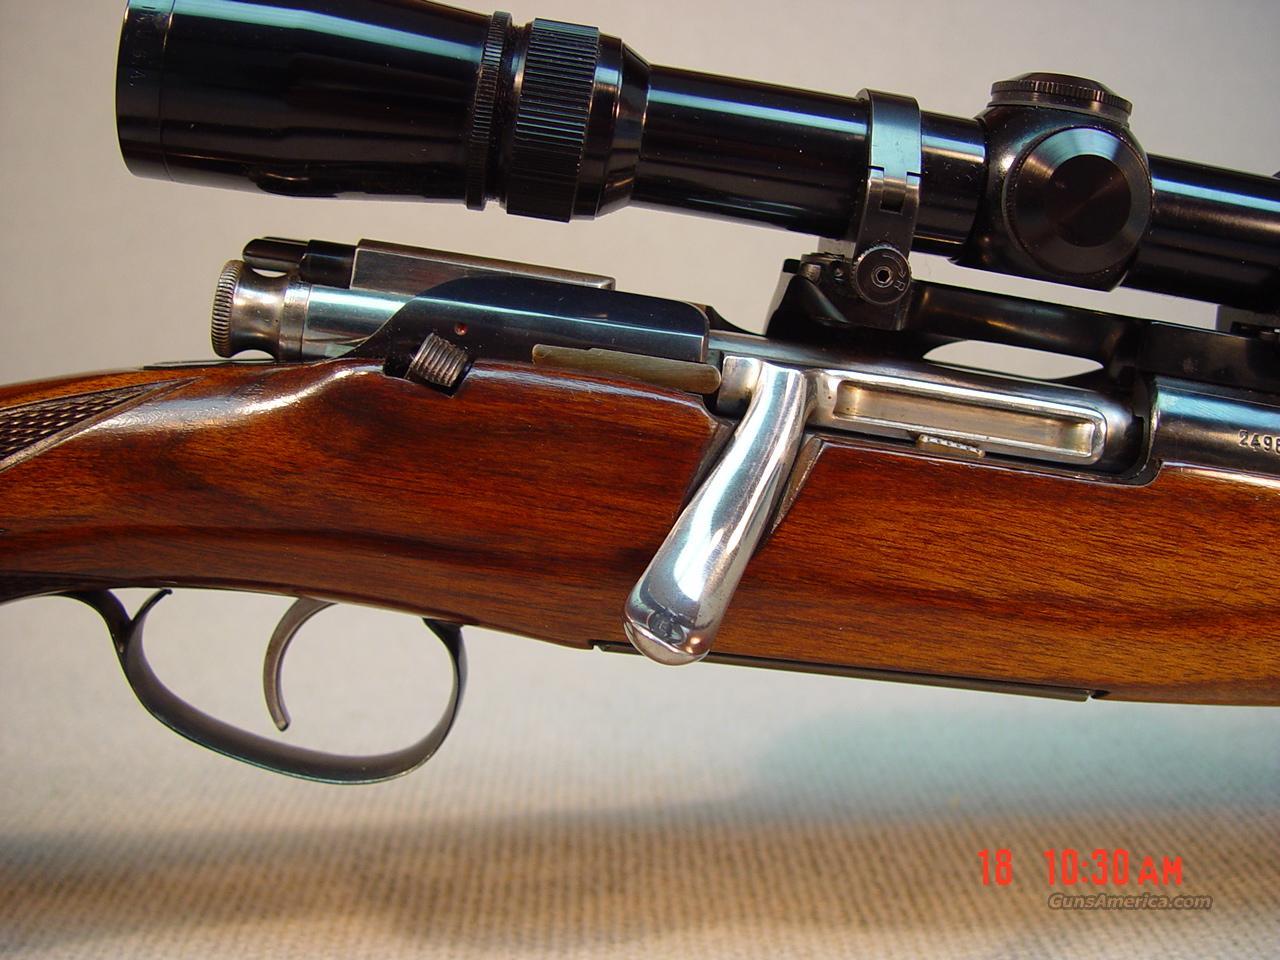 Image result for mannlicher schoenauer leupold scope mounts